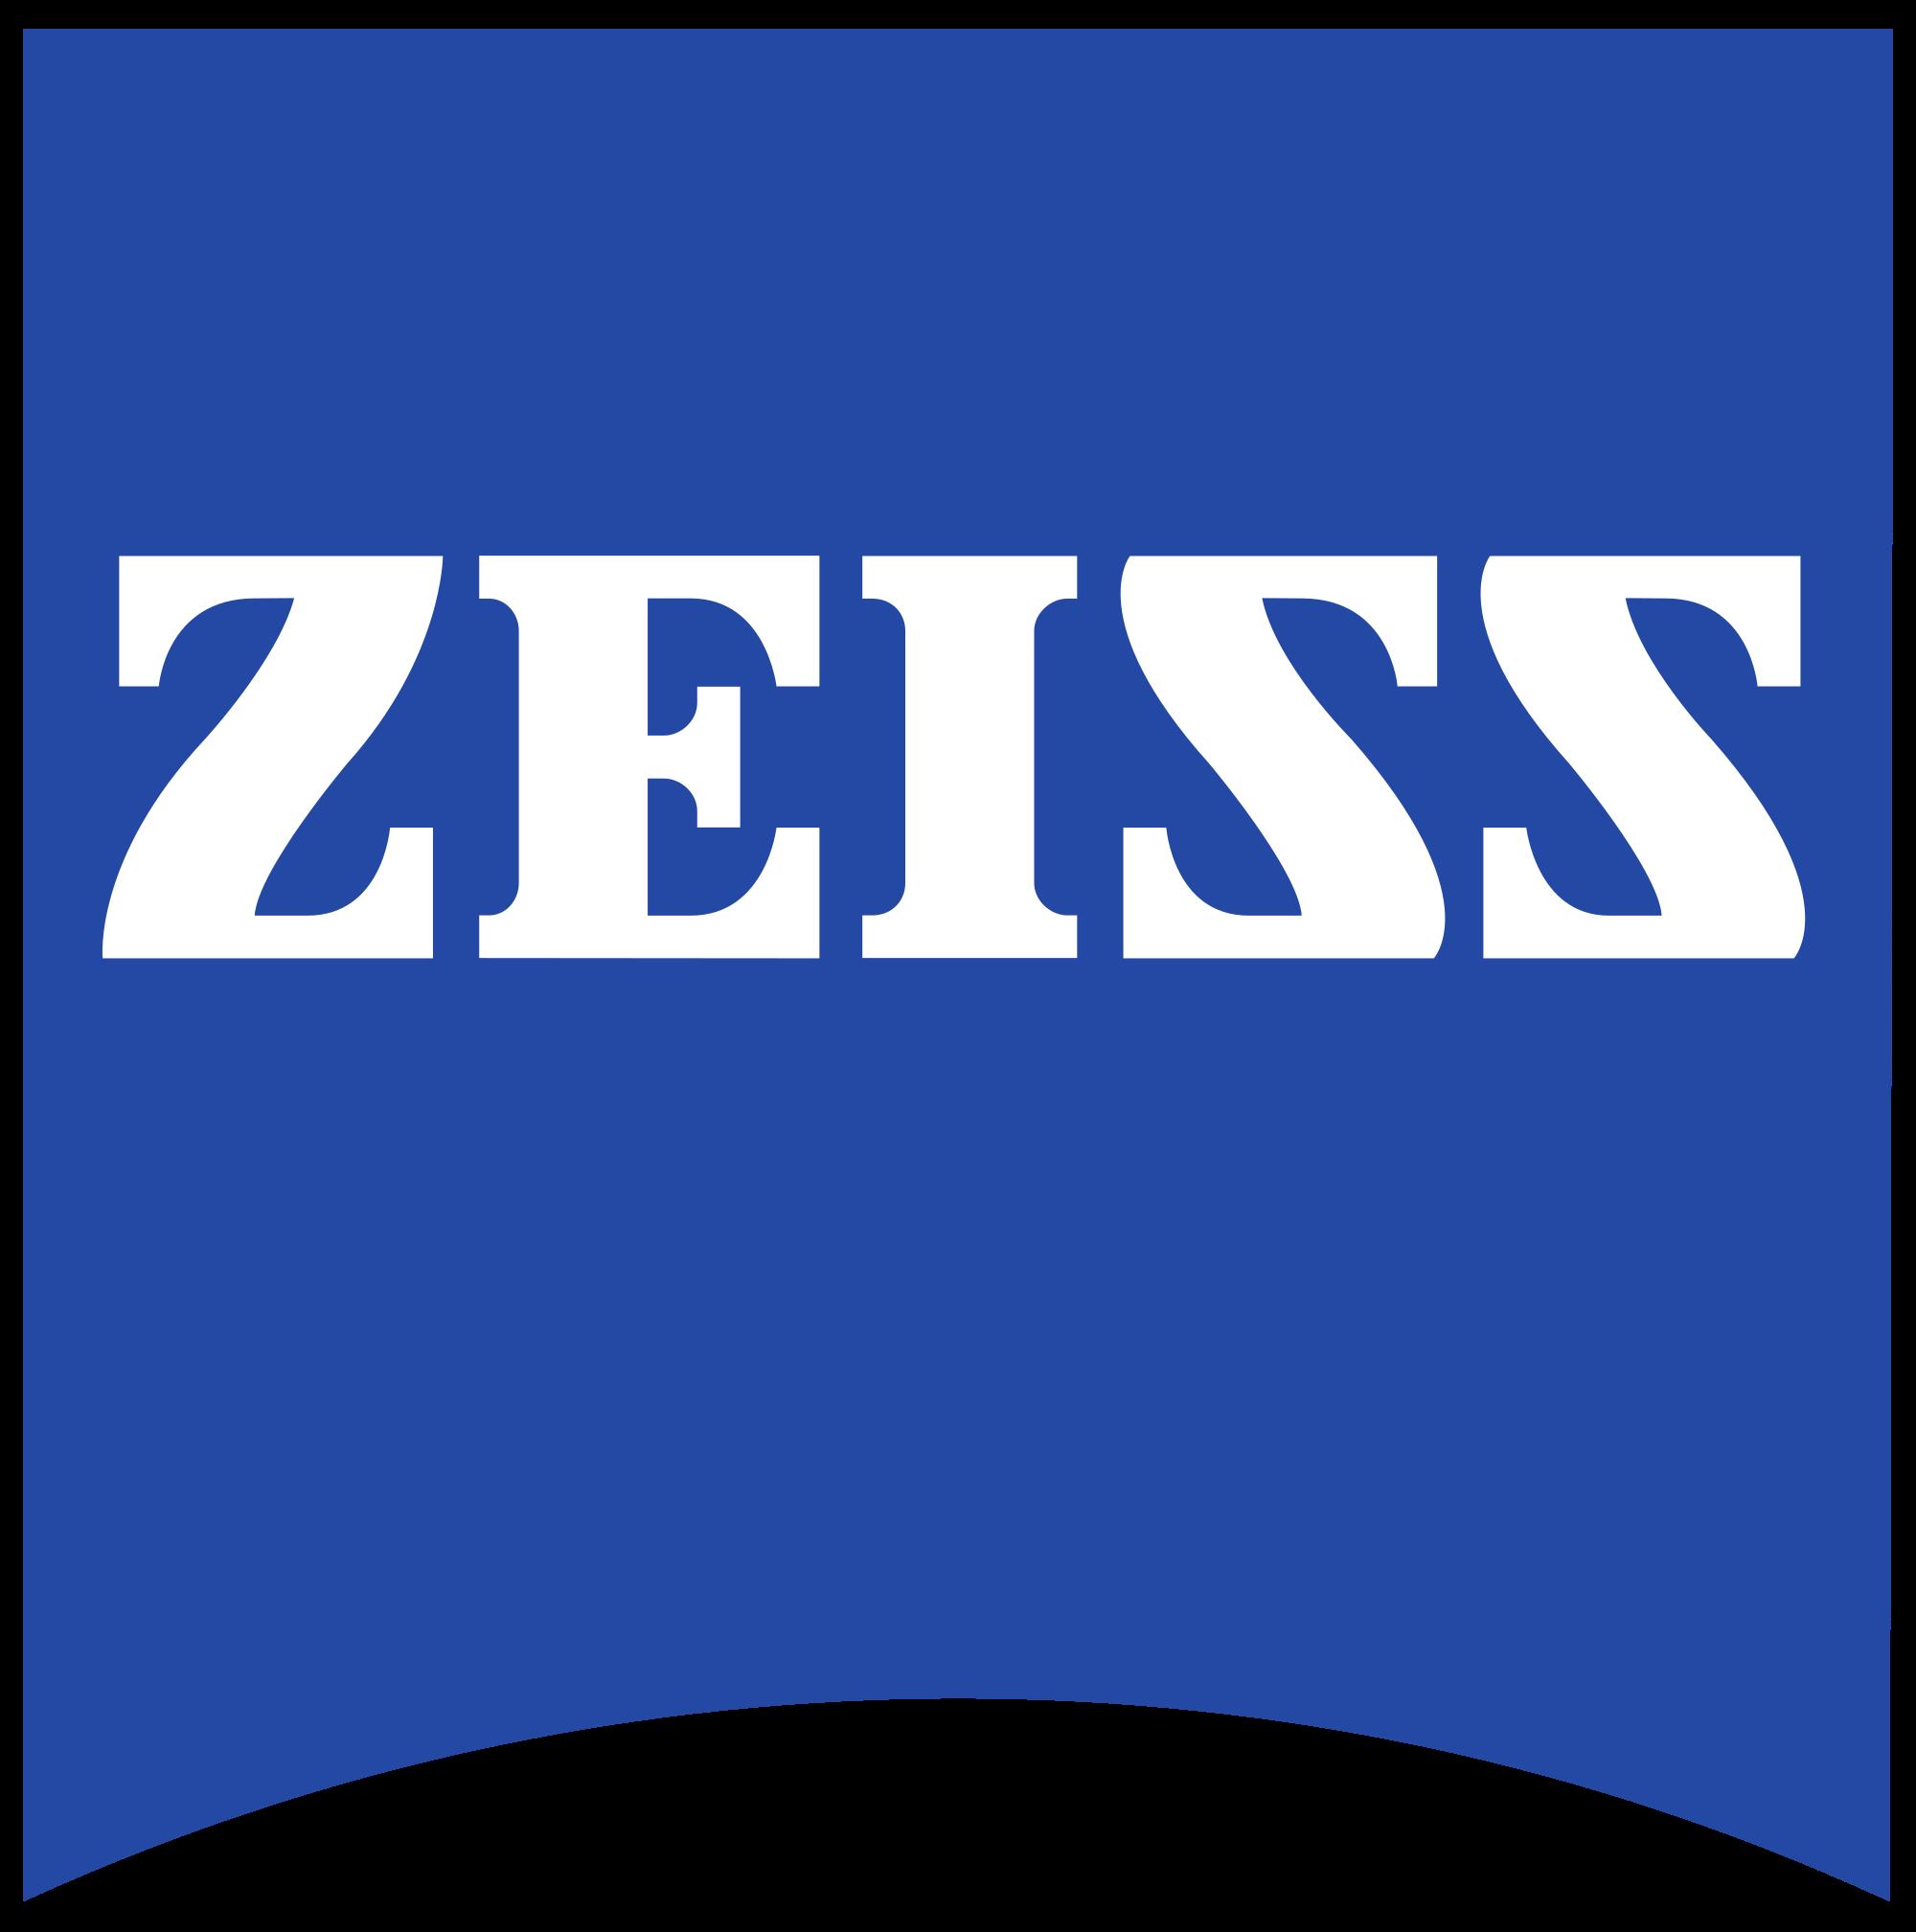 Logo Carl Zeiss Microscopy GmbH